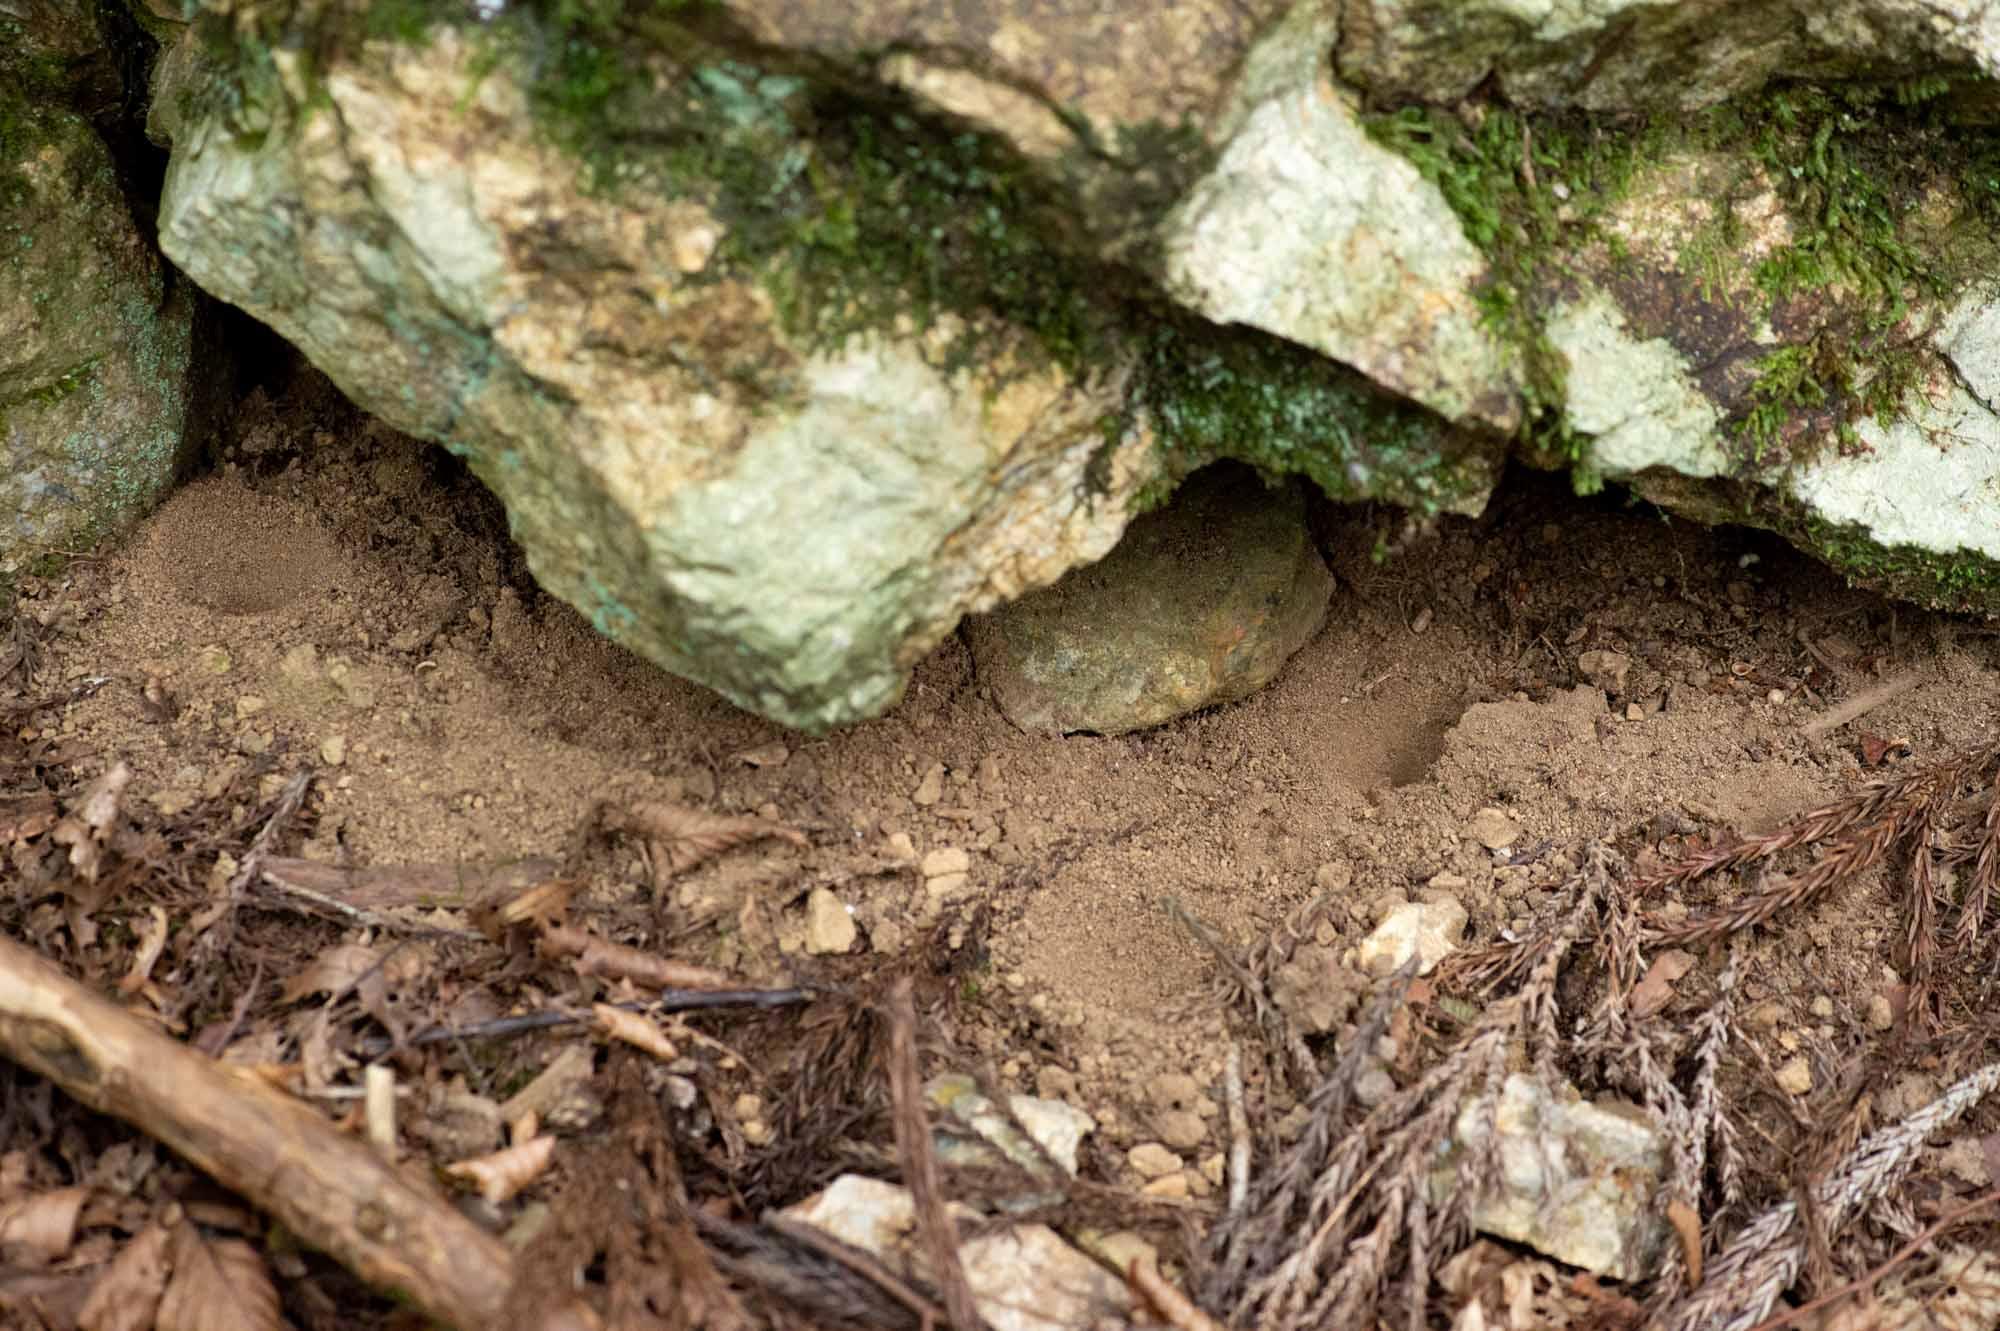 ウスバカゲロウの写真